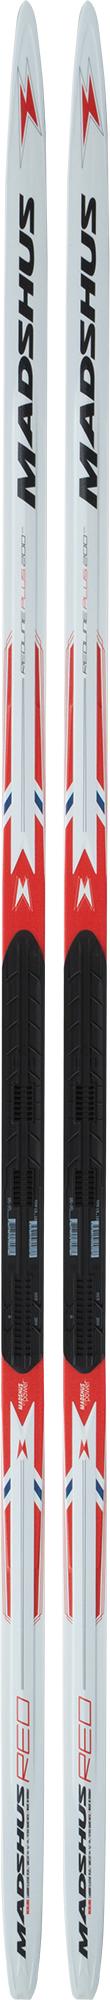 Madshus Беговые лыжи Madshus Redline Carbon Classic Plus лыжи беговые tisa top classic n90415